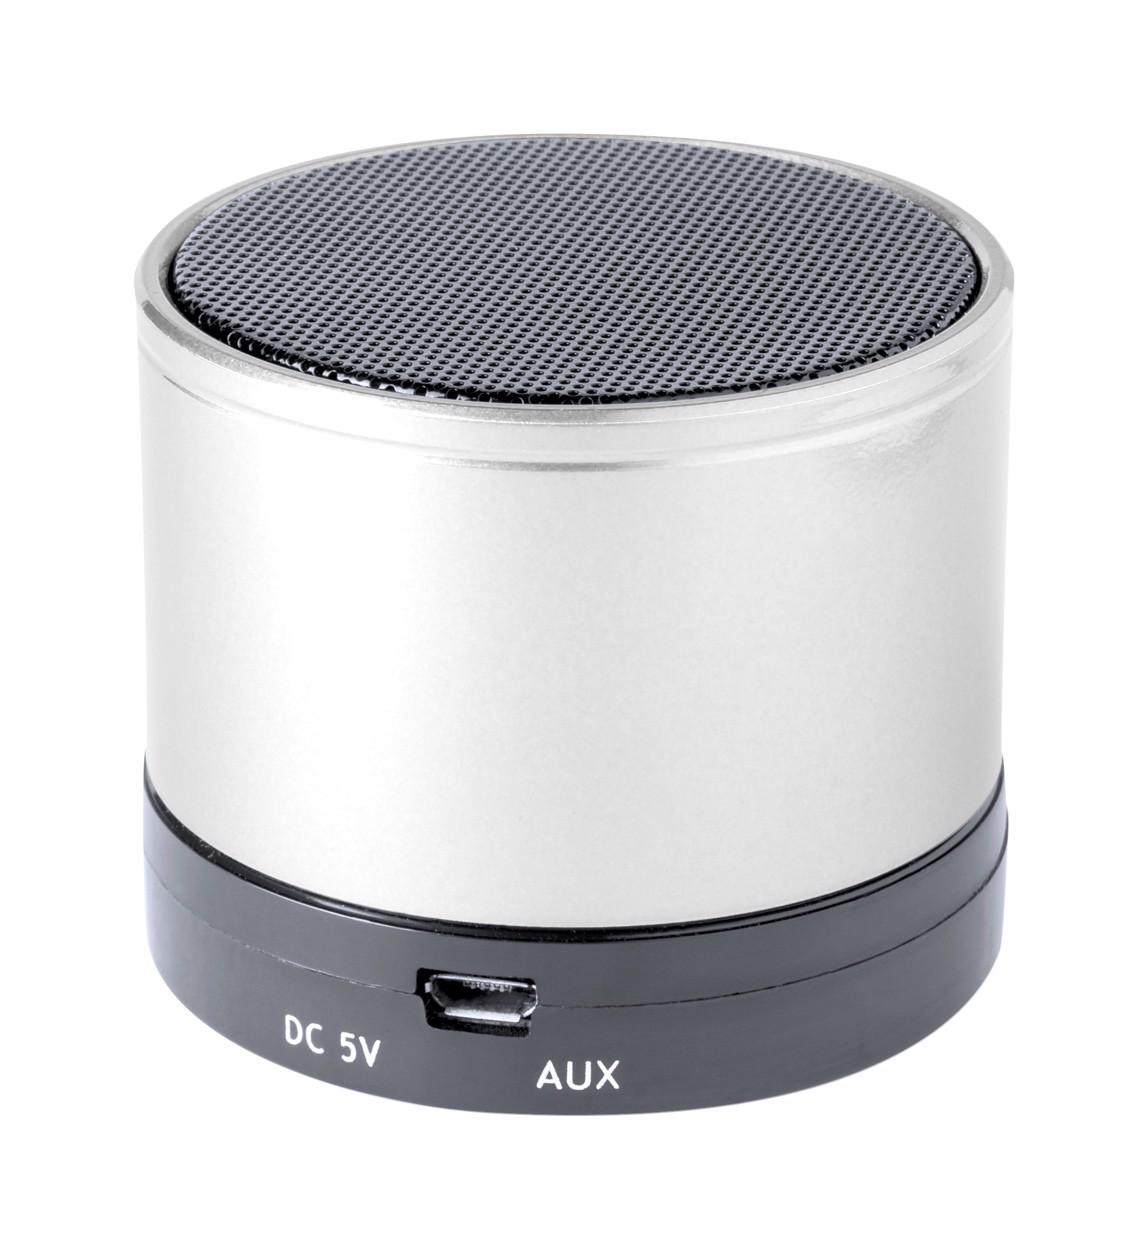 Bluetooth Reproduktor Martins - Stříbrná / Černá